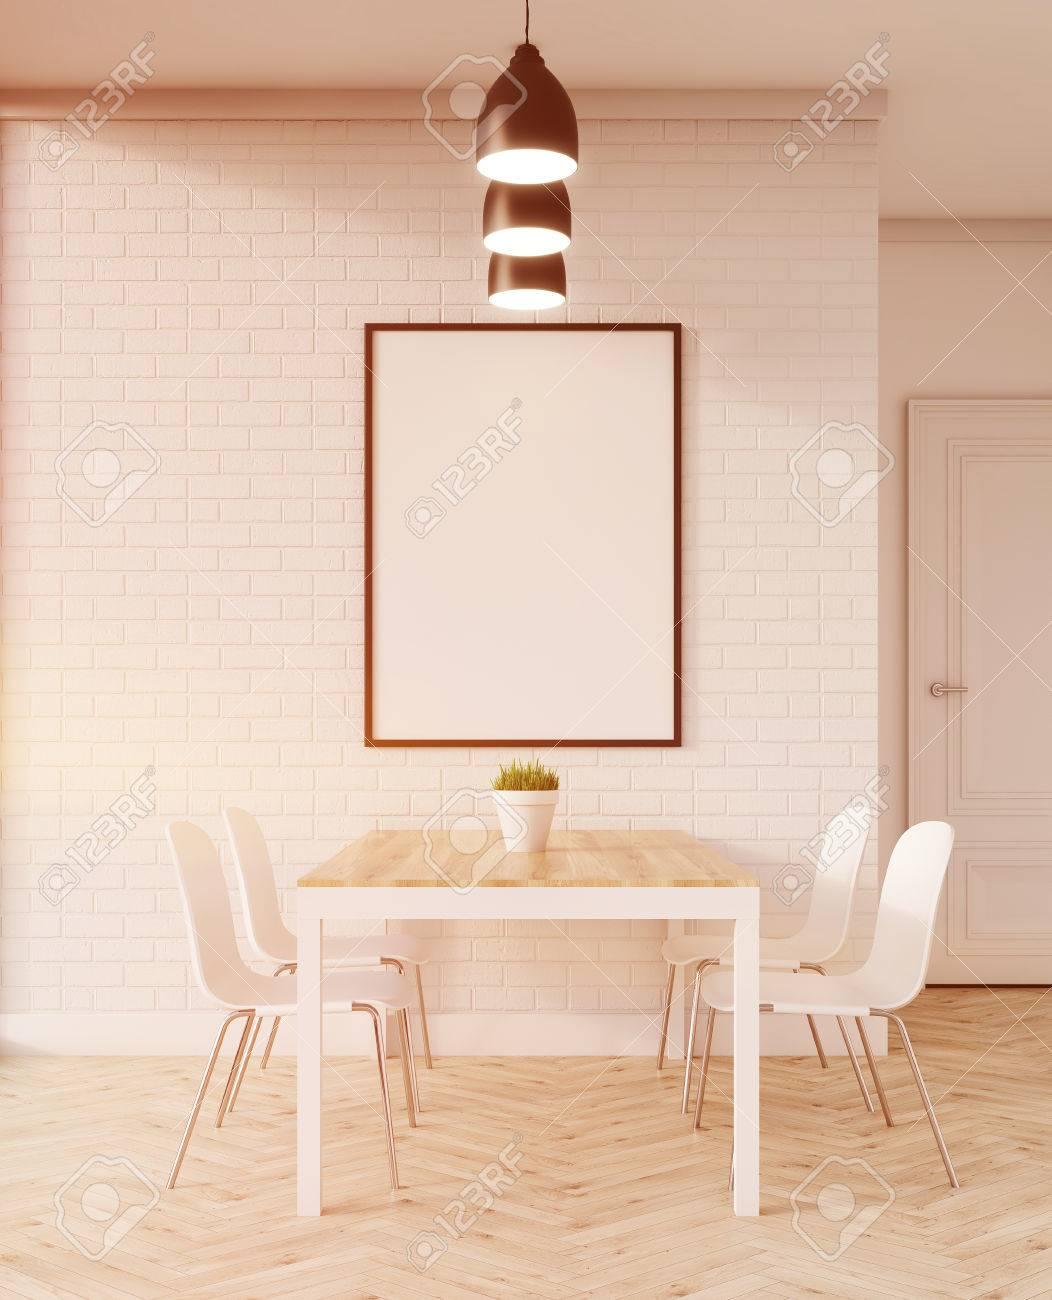 Mesa De Comedor En El Apartamento. Sillas Blancas En Suelo De Madera ...